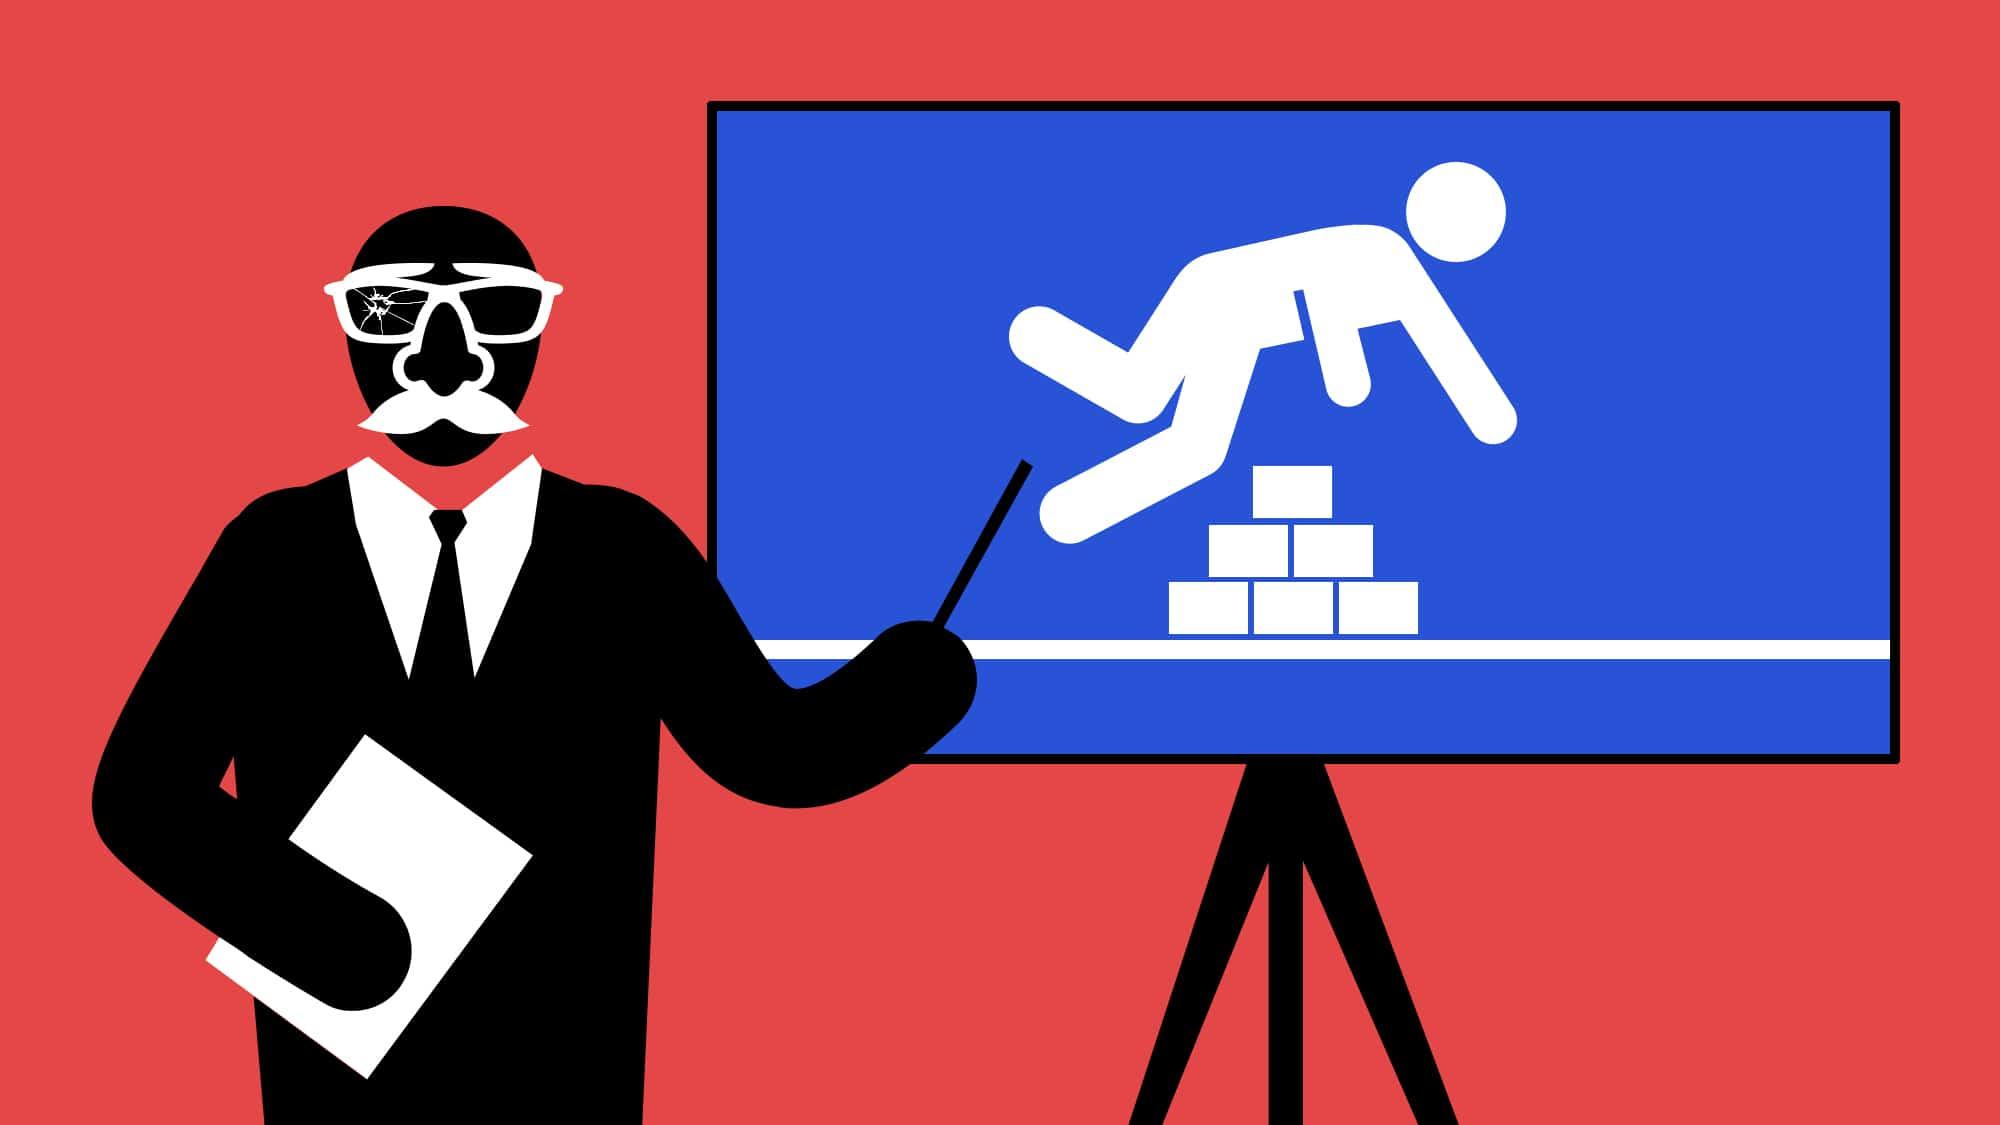 Der Riehener Einwohnerrat hat die Steuern trotz warnender Worte gesenkt. Nun rutschen die Finanzen in den roten Bereich.